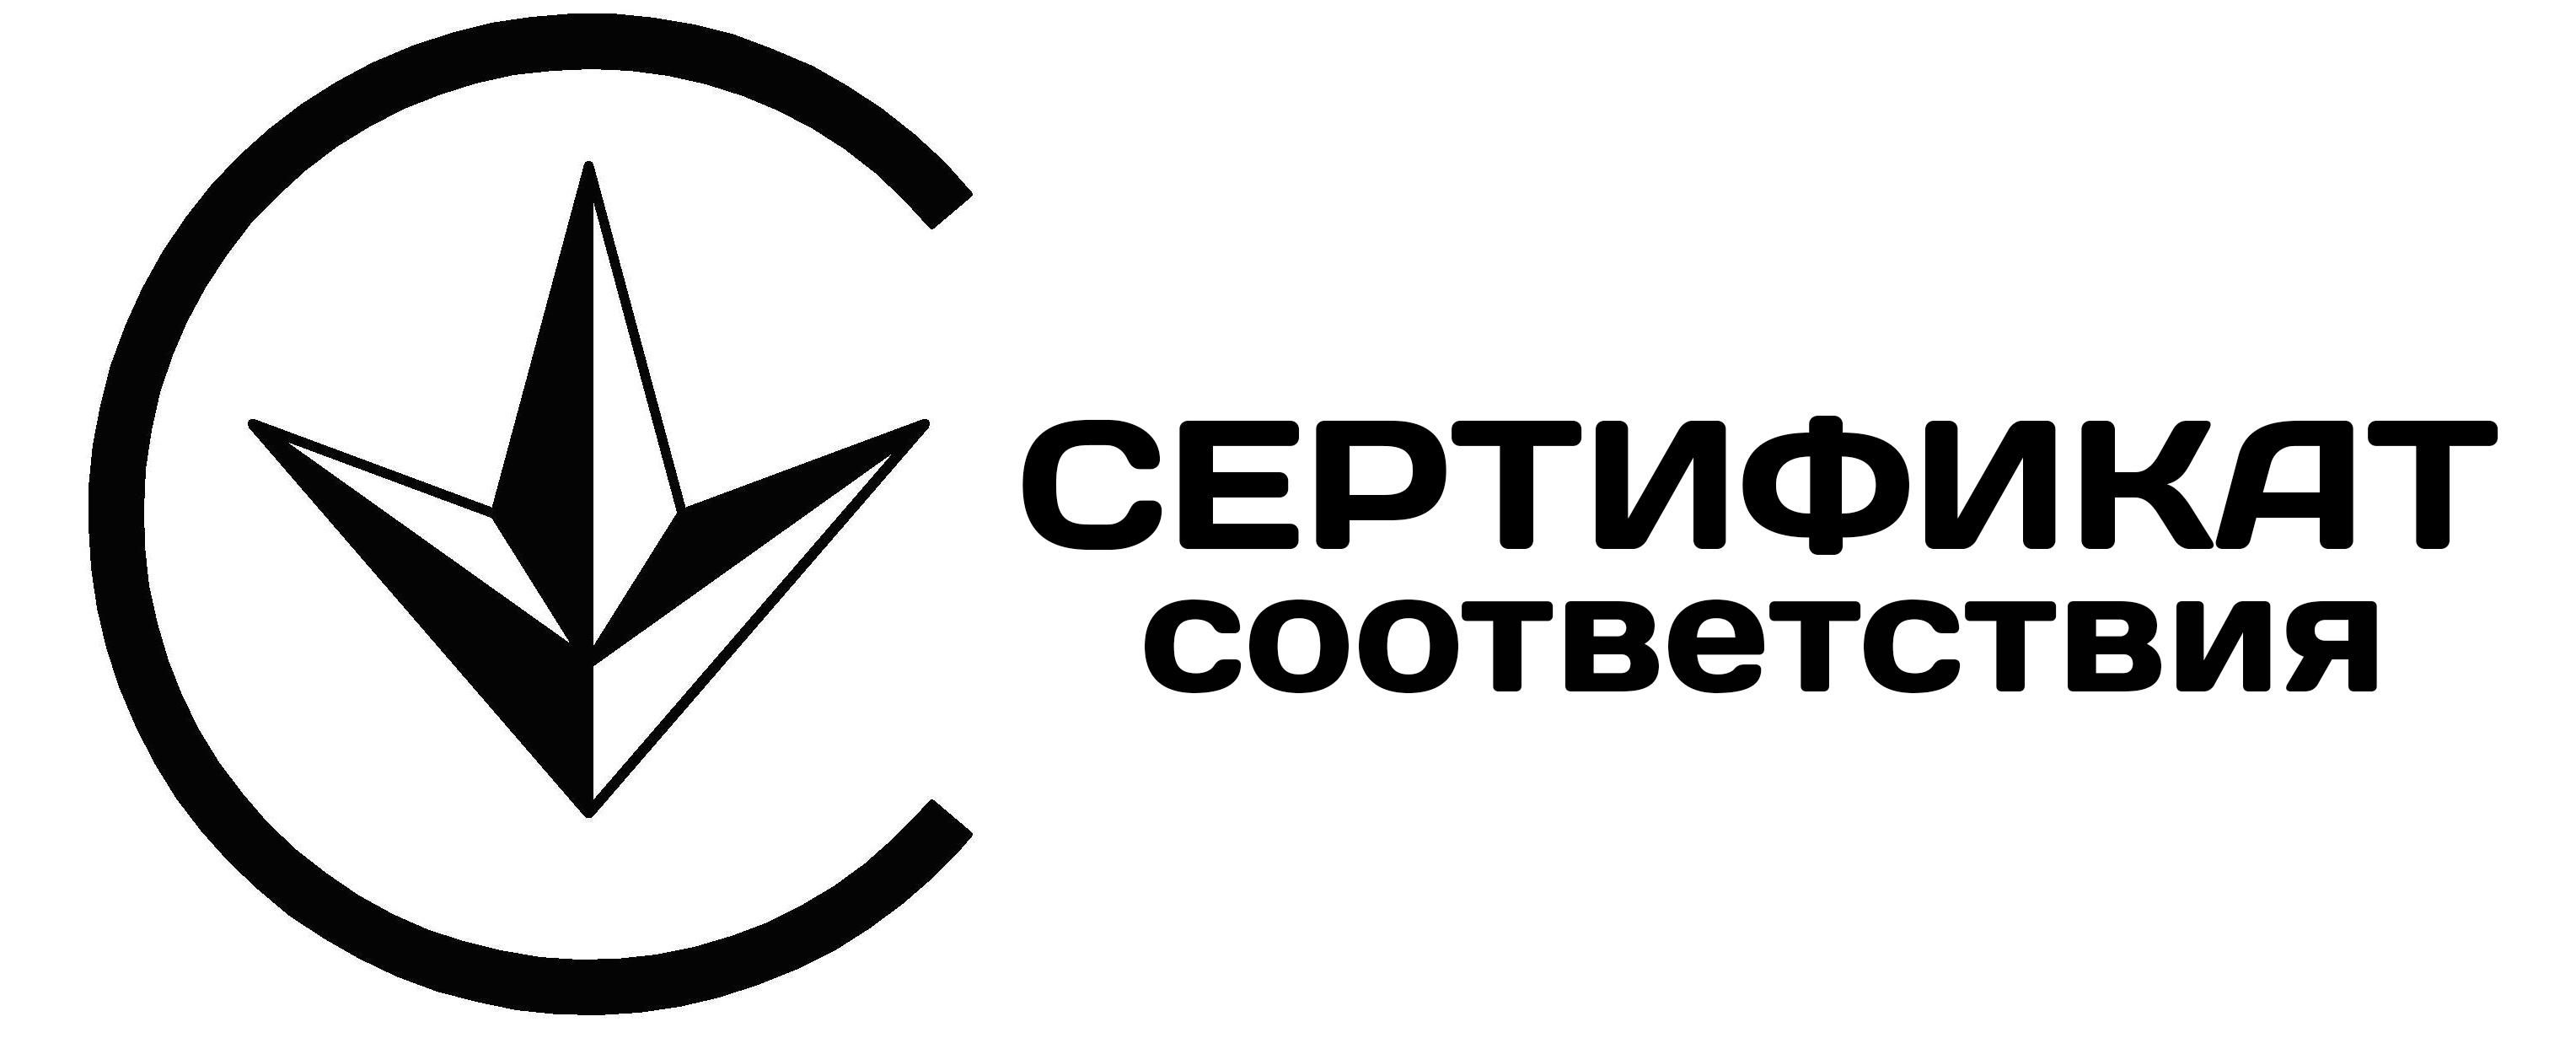 Сертификат соответствия NeoBiotech